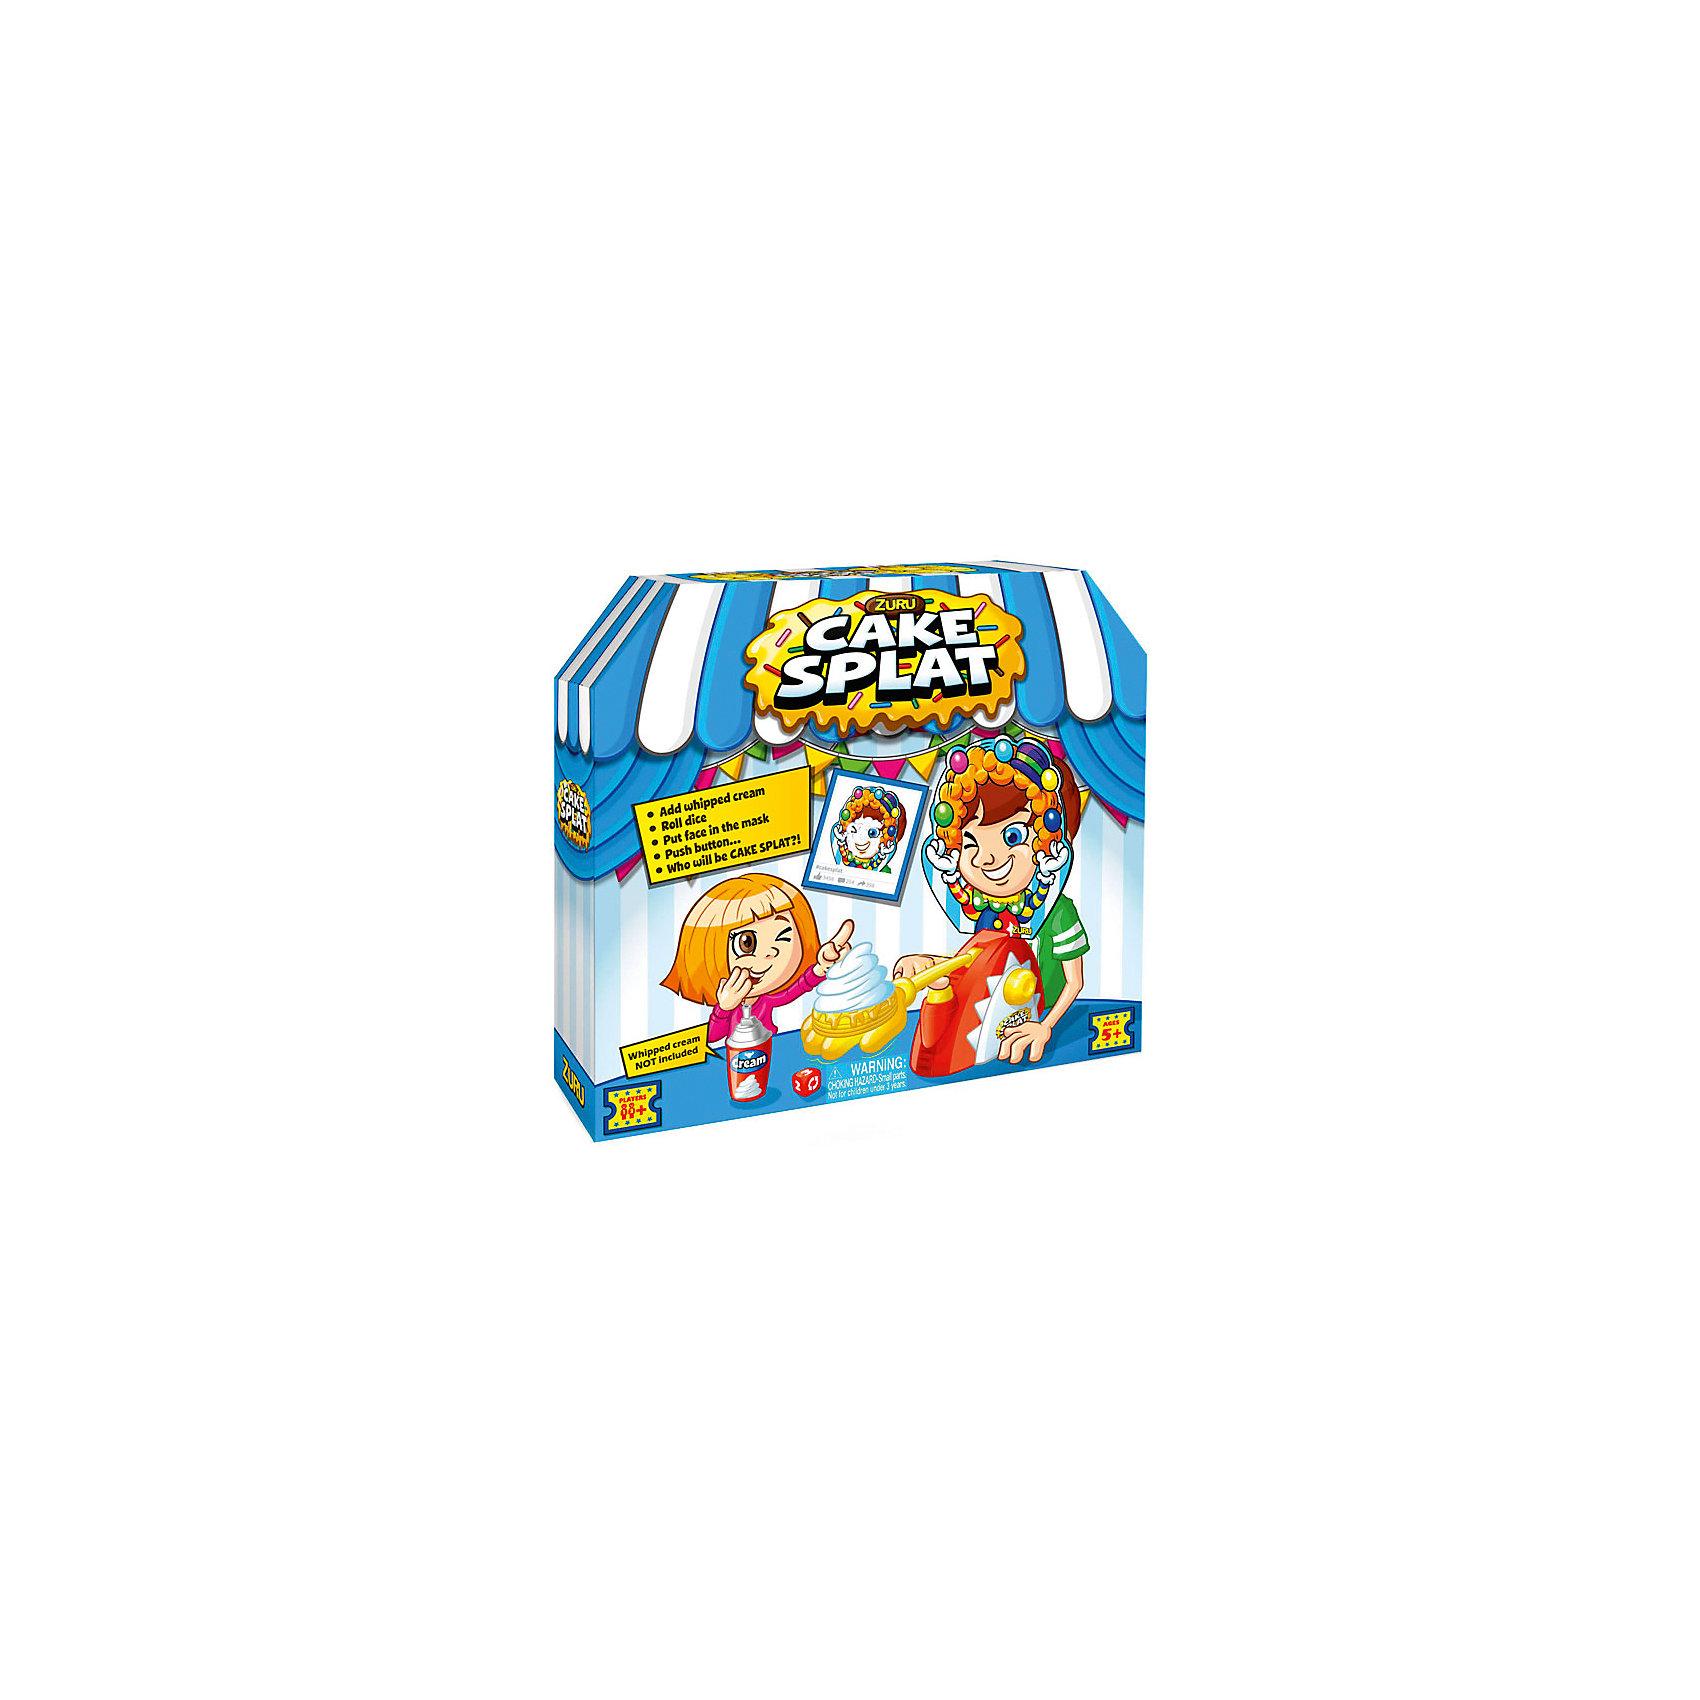 Игра Торт в лицо, ZURUИгры для развлечений<br>Характеристики товара:<br><br>• возраст: от 5 лет;<br>• материал: пластик, картон;<br>• в комплекте: игровая рука, маска, подставка для подбородка, метательный механизм, игральные кубики;<br>• количество игроков: от 2 человек;<br>• размер упаковки: 30х28х8 см;<br>• вес упаковки: 515 гр.;<br>• страна производитель: Китай.<br><br>Игра «Торт в лицо» Zuru — смешная и забавная игра для компании от 2 человек. Сначала игроки бросают кубики. Тот, кому выпадает жребий, одевает на себя маску и крутит рычажок. Если повезет, то в лицо ему не попадут сливки или торт, а если нет, то можно оказаться полностью в лакомстве.<br><br>Игру «Торт в лицо» Zuru можно приобрести в нашем интернет-магазине.<br><br>Ширина мм: 300<br>Глубина мм: 80<br>Высота мм: 280<br>Вес г: 588<br>Возраст от месяцев: 60<br>Возраст до месяцев: 2147483647<br>Пол: Унисекс<br>Возраст: Детский<br>SKU: 6873816